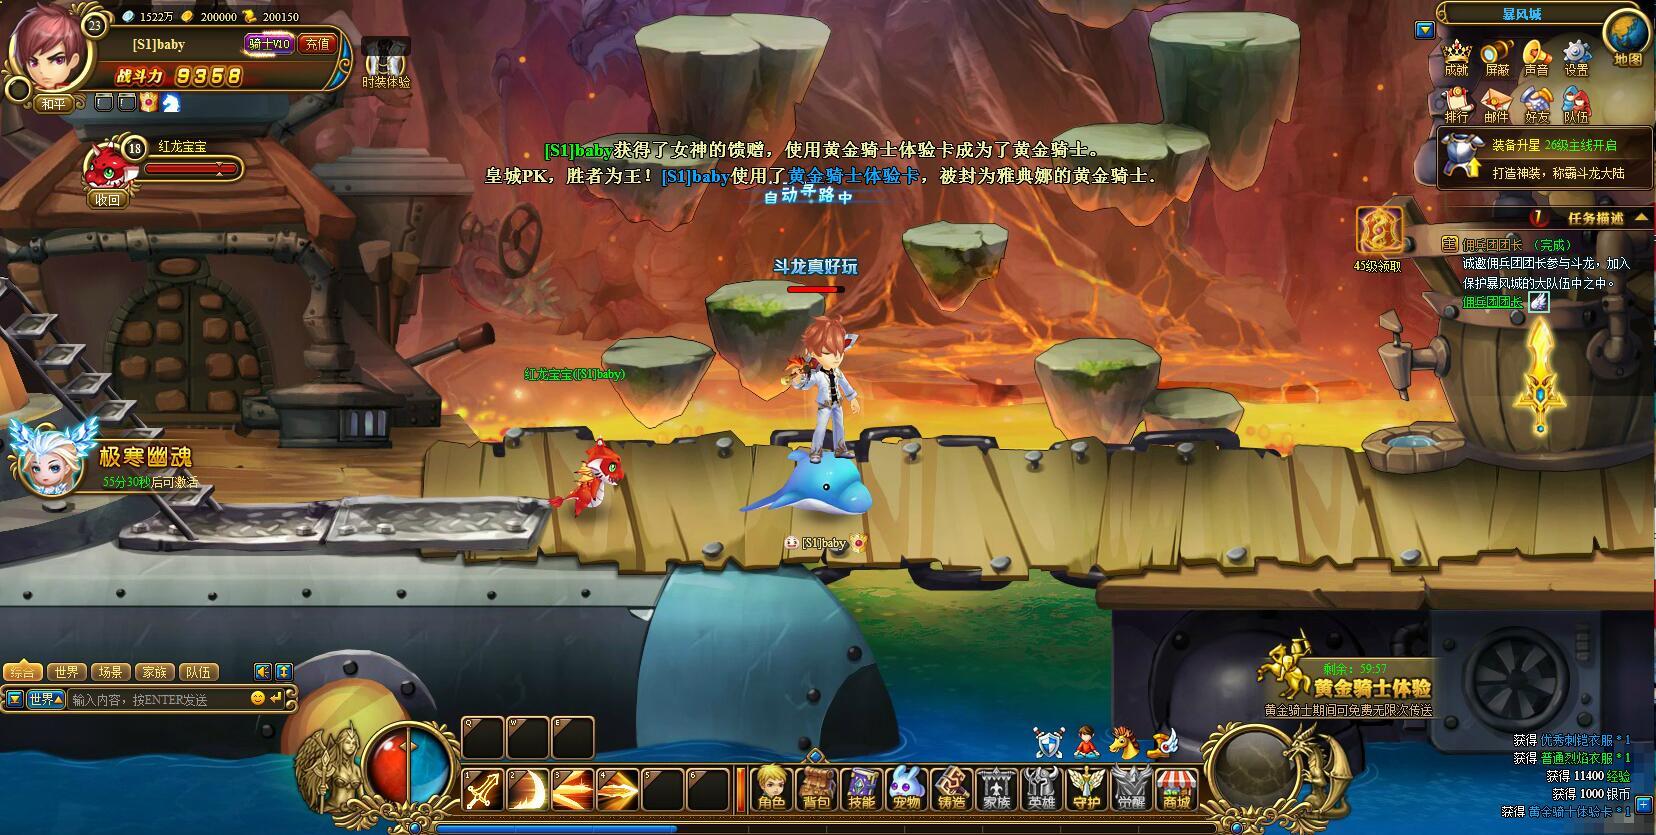 斗龙大陆游戏截图1